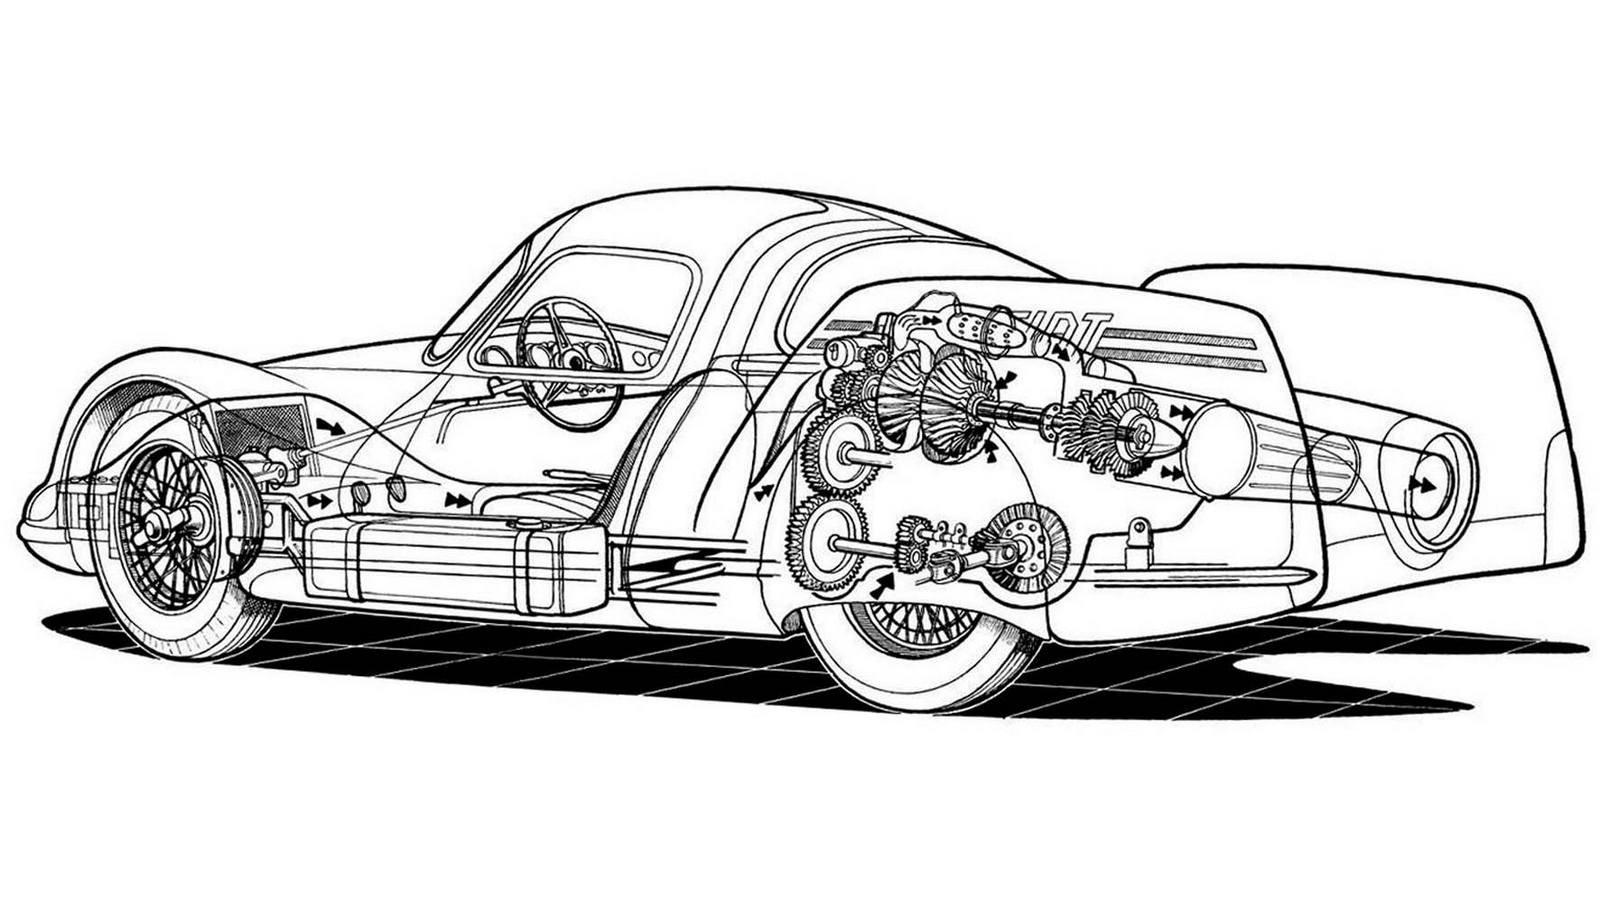 Автомобиль получил стальную трубчатую раму и независимую подвеску всех колес со стабилизаторами поперечной устойчивости. После испытаний и демонстрации на Туринском автосалоне в нём выявили множество недостатков, и дальнейшие работы пришлось прекратить.«Огненные птицы» от корпорации General MotorsКак только до далекой Америки долетели слухи о создании в Европе принципиально новых, но пока неиспытанных легковушек с ГТД к их созданию сразу подключились ведущие компании США. Понятно, что первой из них была корпорация General Motors. За короткое время она собрала три опытных работоспособных образца серии GM Firebird («Огненная птица»), более известные своим революционным самолетным стилем и брутальной внешностью, чем высокими техническими достижениями. Всё дизайнерское сопровождение контролировал вице-президент Харли Эрл.Известный дизайнер Харли Эрл во главе своего «огненного семейства» уникальных автомобилей FirebirdВ декабре 1953 года с первой экспериментальной газотурбинной машиной Firebird XP-21 (Firebird I) сразу же произошел конфуз: ее приняли за поставленный на четыре больших колеса одноместный реактивный истребитель с короткими крылышками, хвостовым стабилизатором и задним соплом.Странное авиационно-автомобильное сочетание по-американски — концепт-кар Firebird XP-21. 1953 годНелетающий истребитель GM Firebird XP-21 со спрятанным в корпусе ГТД и декоративным оперениемНо, присмотревшись, под стеклопластиковым кузовом можно было увидеть 380-сильный ГТД GT-302 компании Allison, весивший около 350 кг и разгонявший бутафорский самолет до 370 км/ч. Он снабжался по-автомобильному независимой подвеской и внутренними тормозными барабанами.Необычный газотурбинный автомобиль-самолет Firebird I в экспозиции GM Heritage CenterЧерез три года был представлен более строгий четырехместный вариант Firebird II (XP-43) с новым ГТД GT-304 в 200 сил при рабочем режиме 25 тысяч оборотов в минуту и дисковыми тормозами. На этот раз он был похож на гоночный автомобиль с передним остроконе